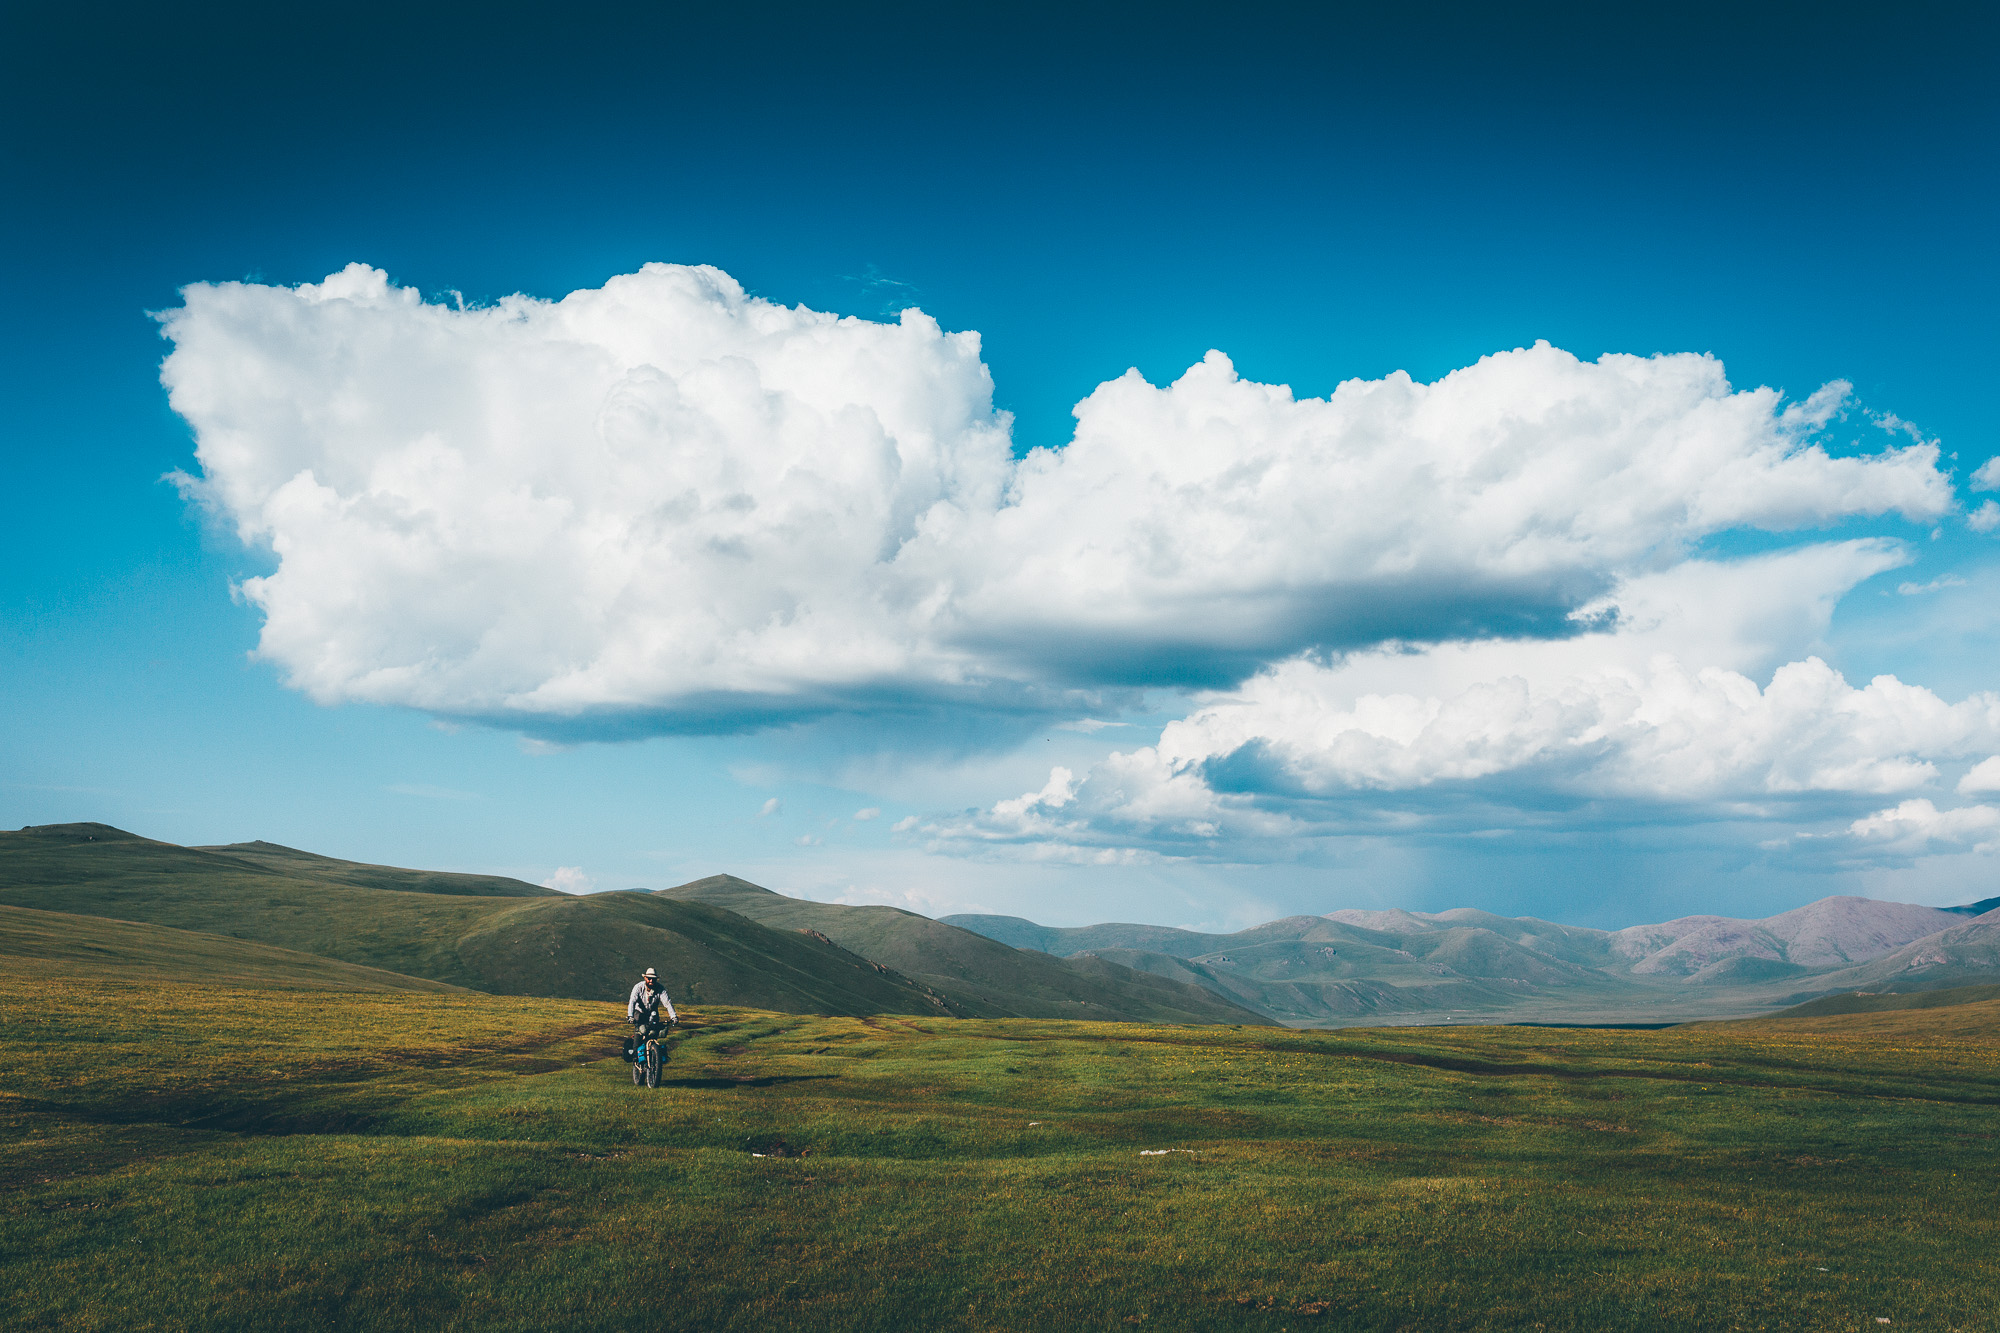 Tumbleweed Mongolia21.jpg